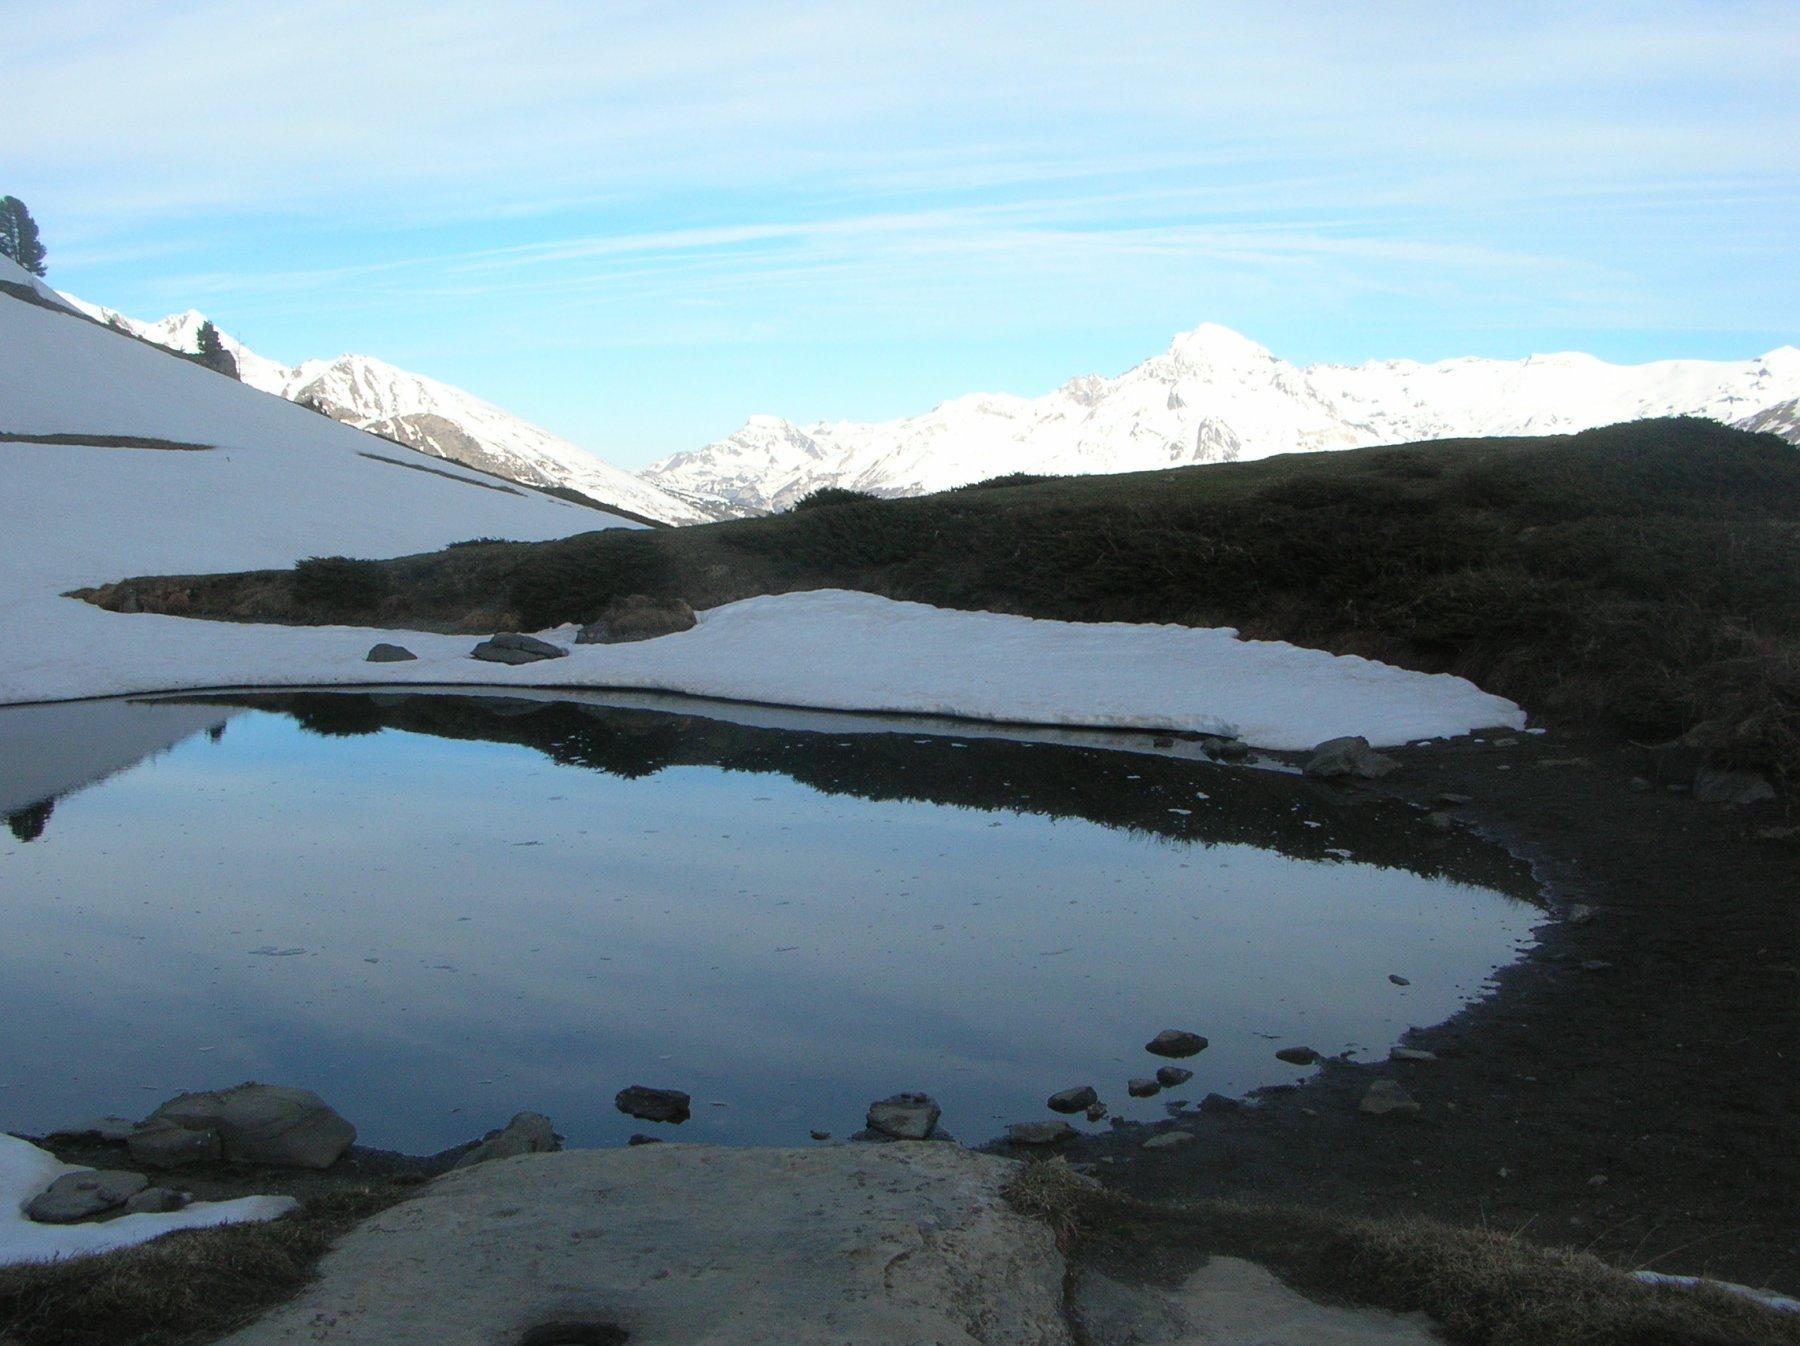 laghetto a q. 2250 ca. dove comincia la neve continua